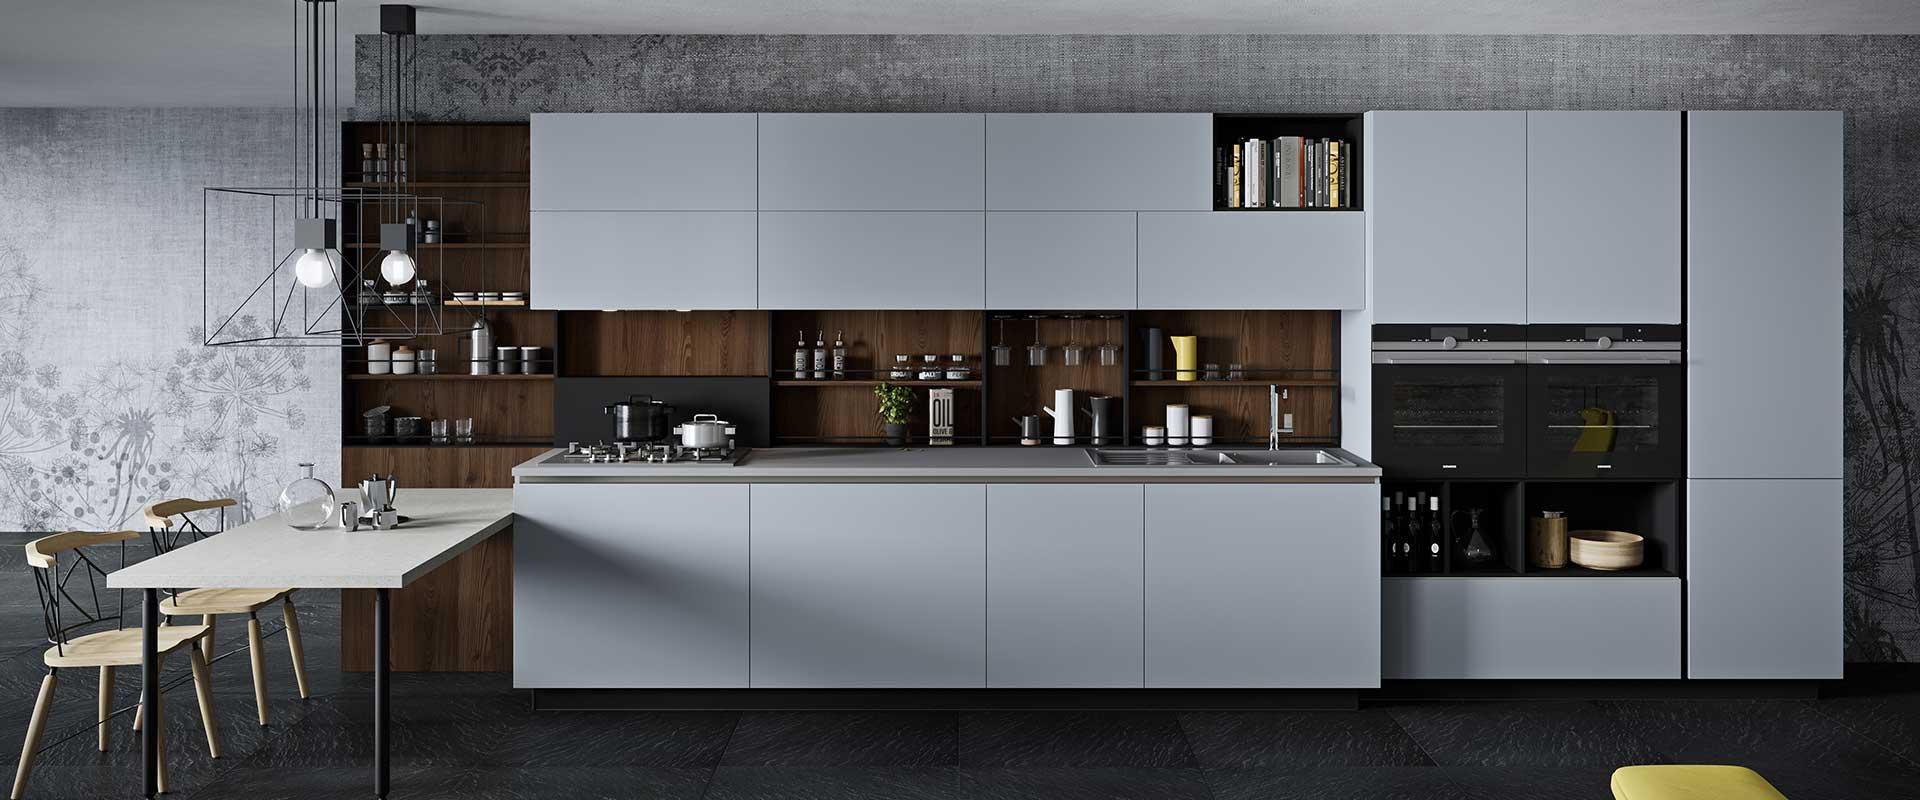 Cucine design cesena cucine moderne cesena - Design cucine moderne ...